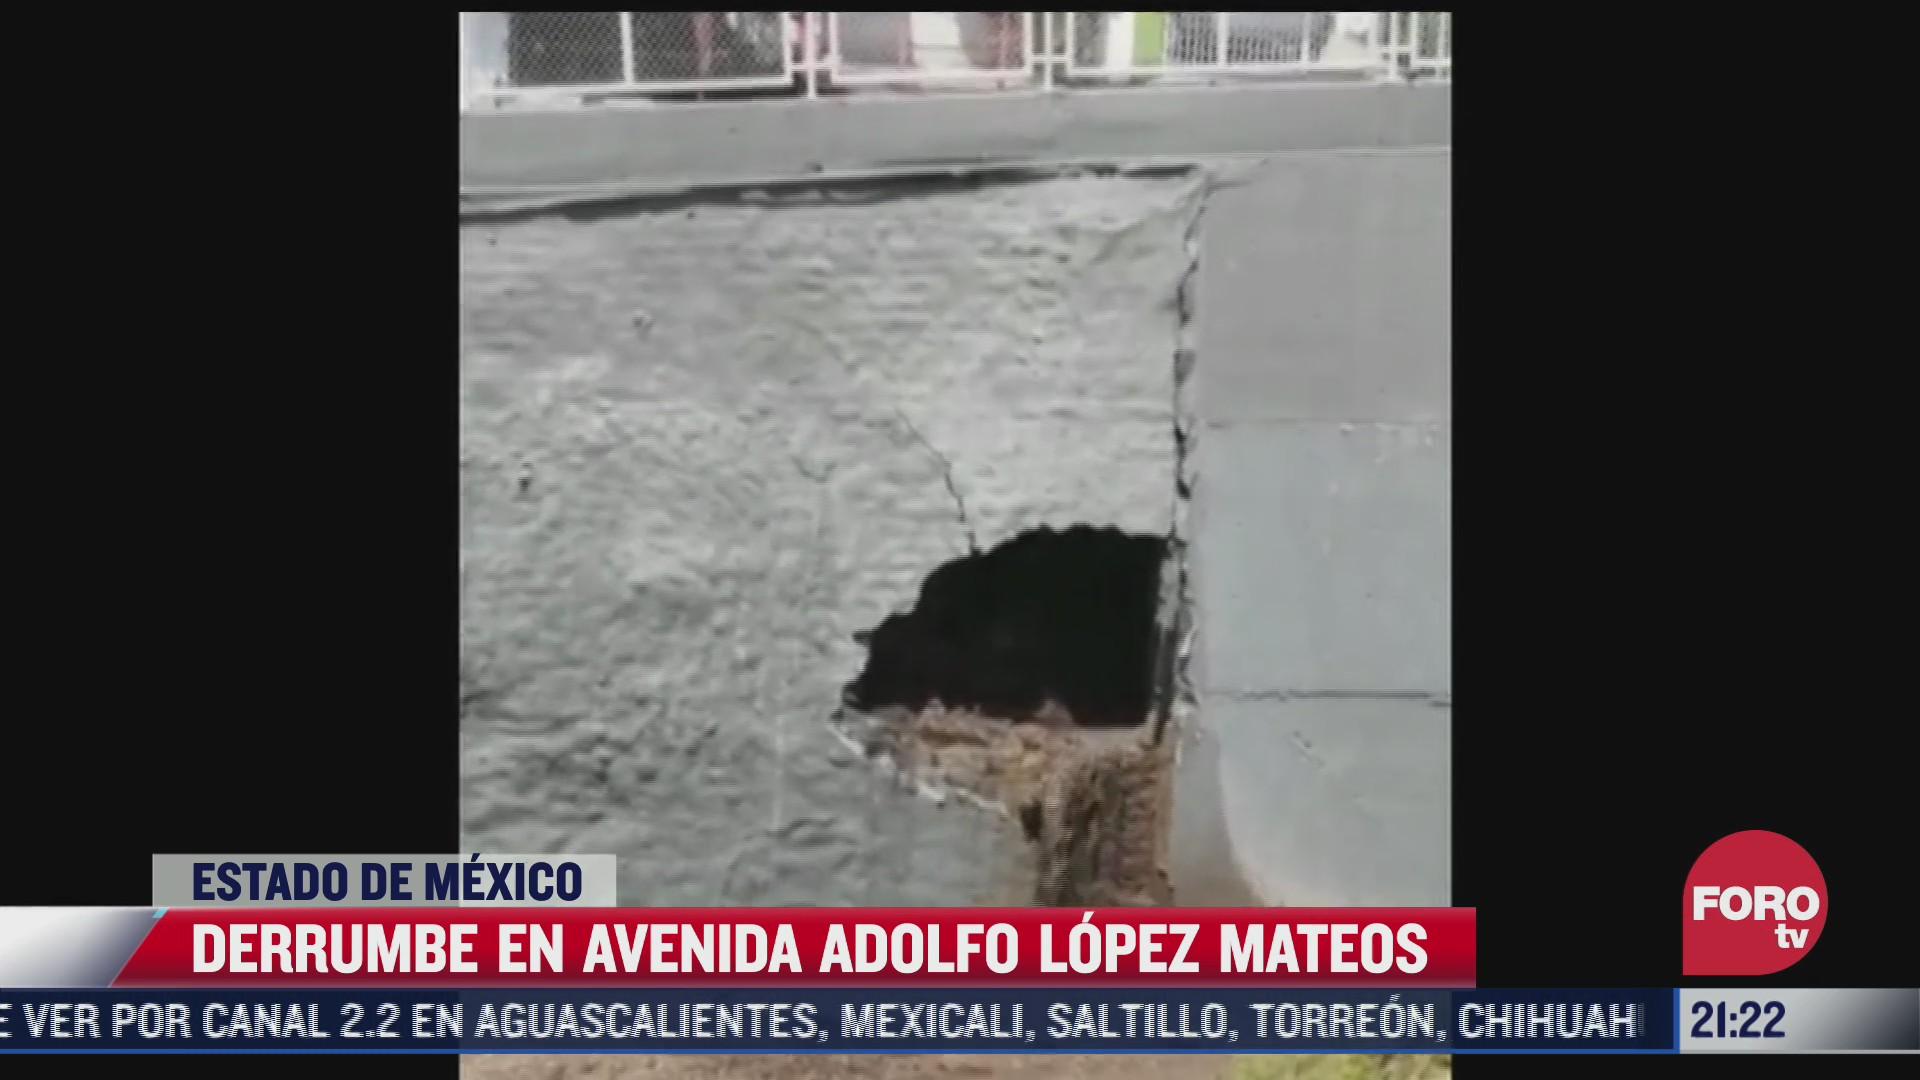 derrumbe en avenida adolfo lopez mateos estado de mexico